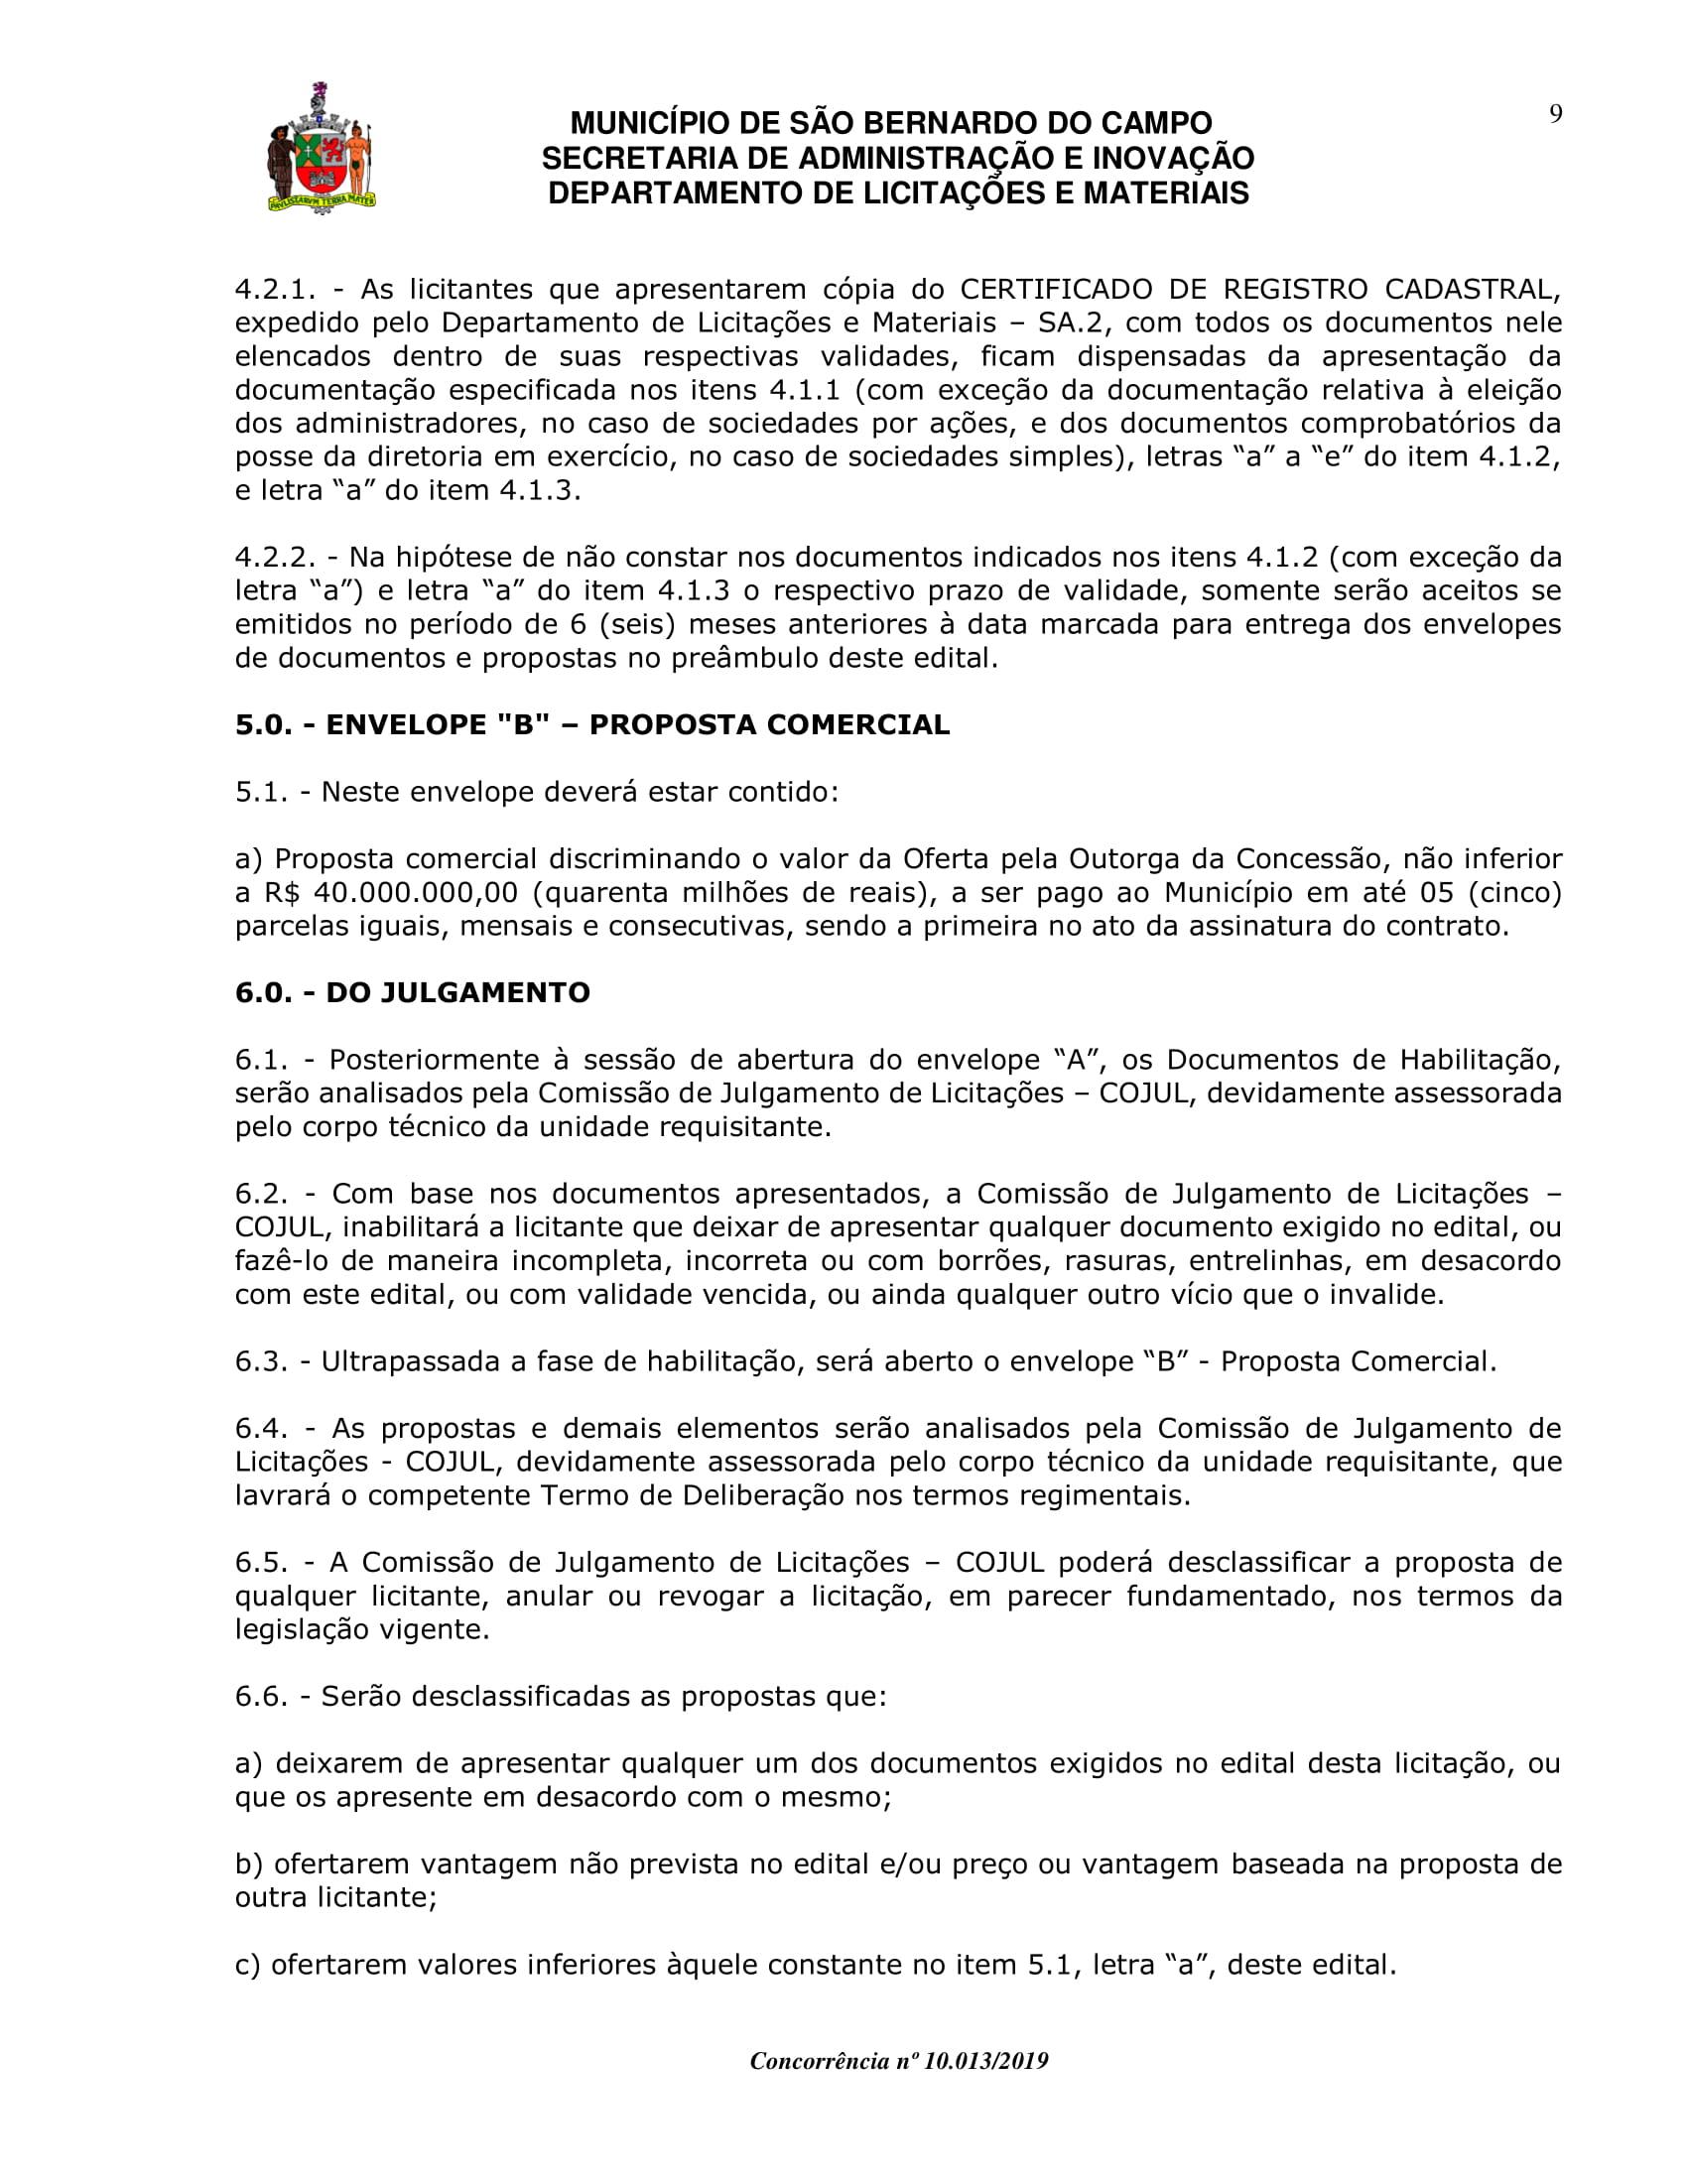 CP.10.013-19 edital-09